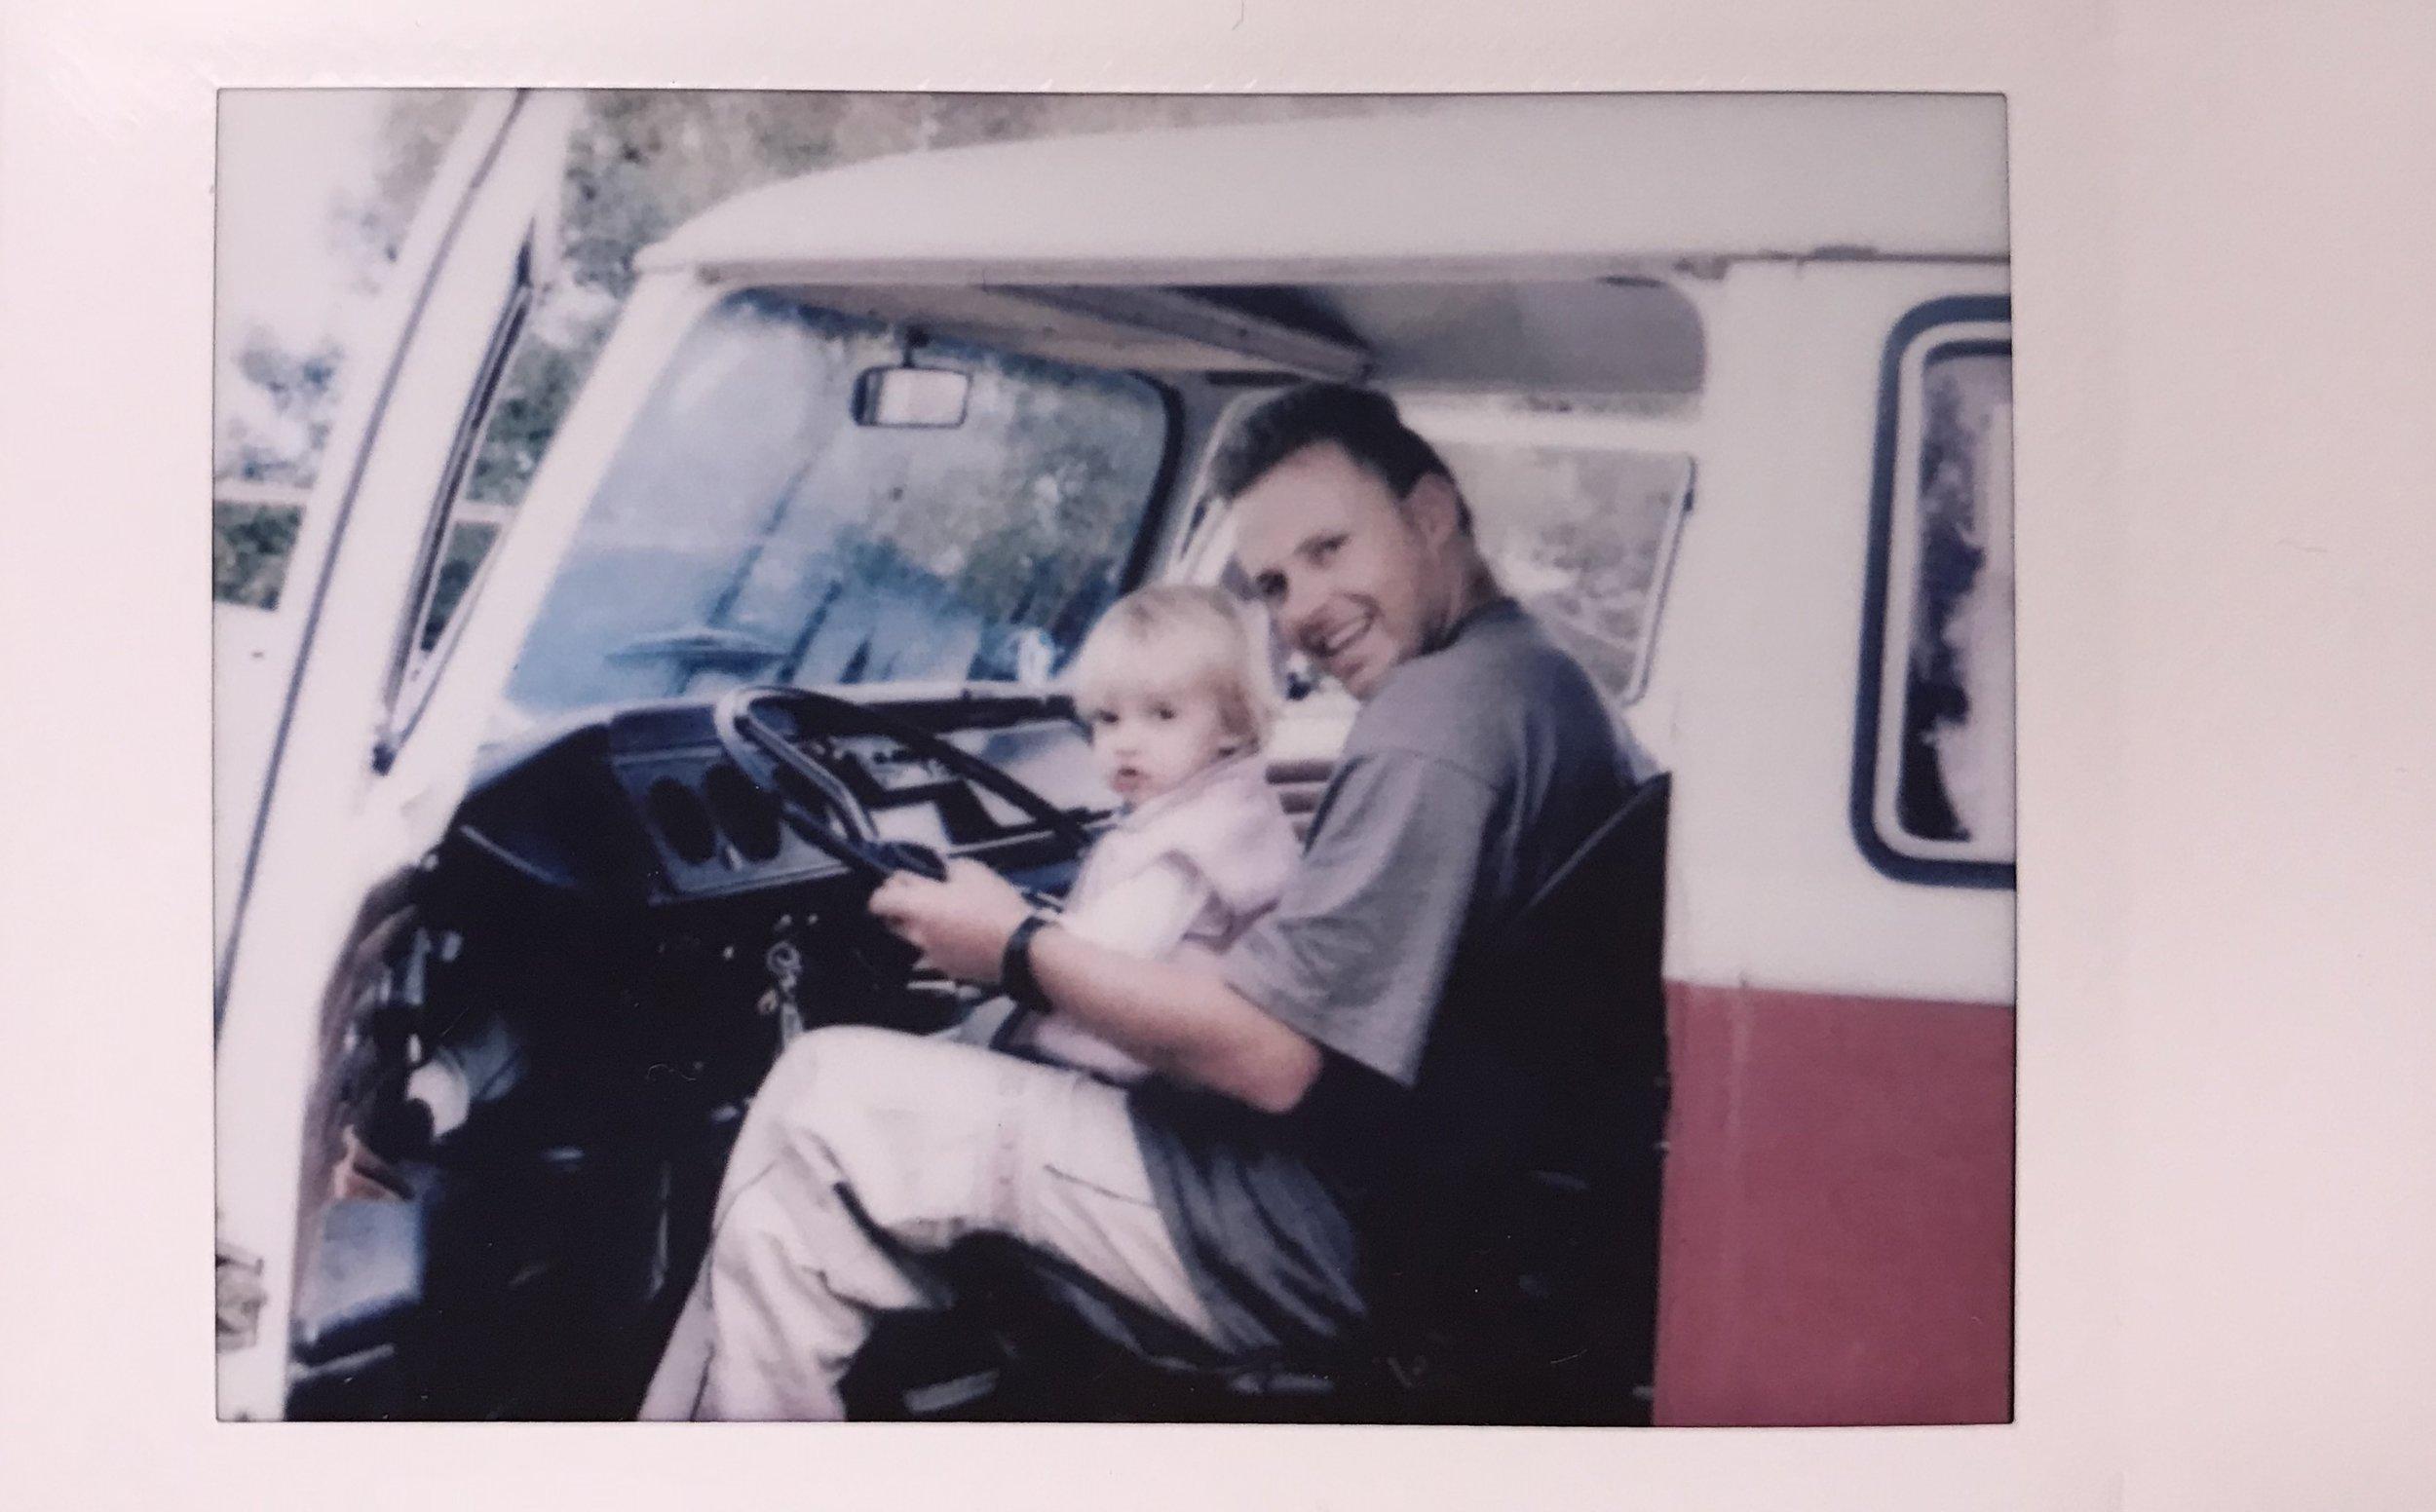 #17 Wayback Wednesday - Life in the Van